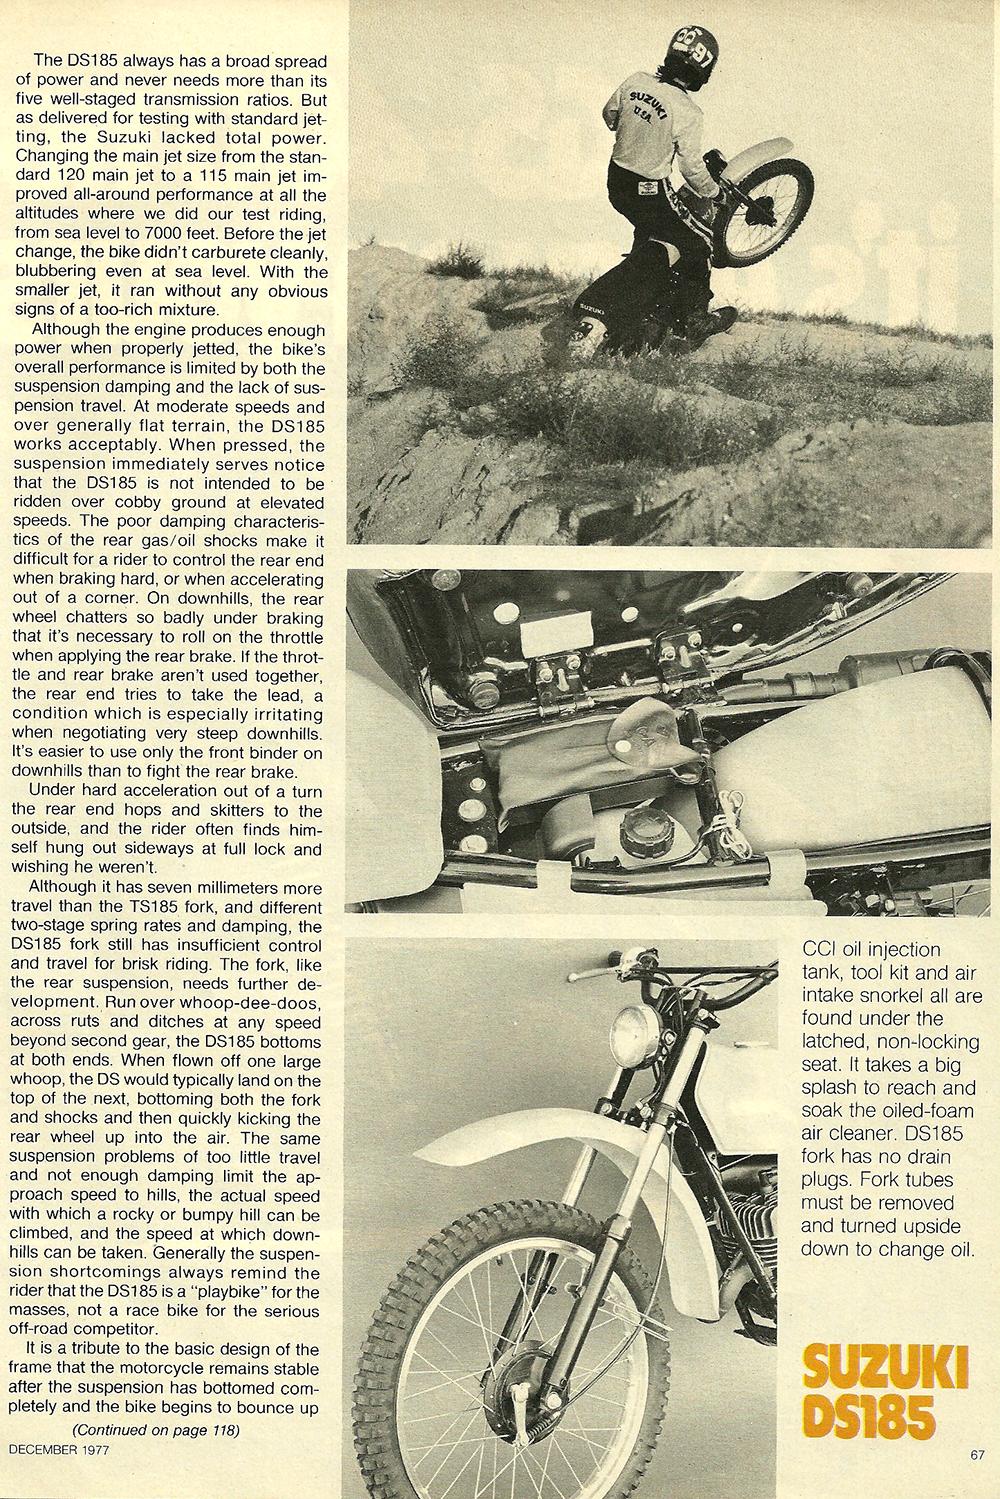 1977 Suzuki DS185 road test 06.jpg